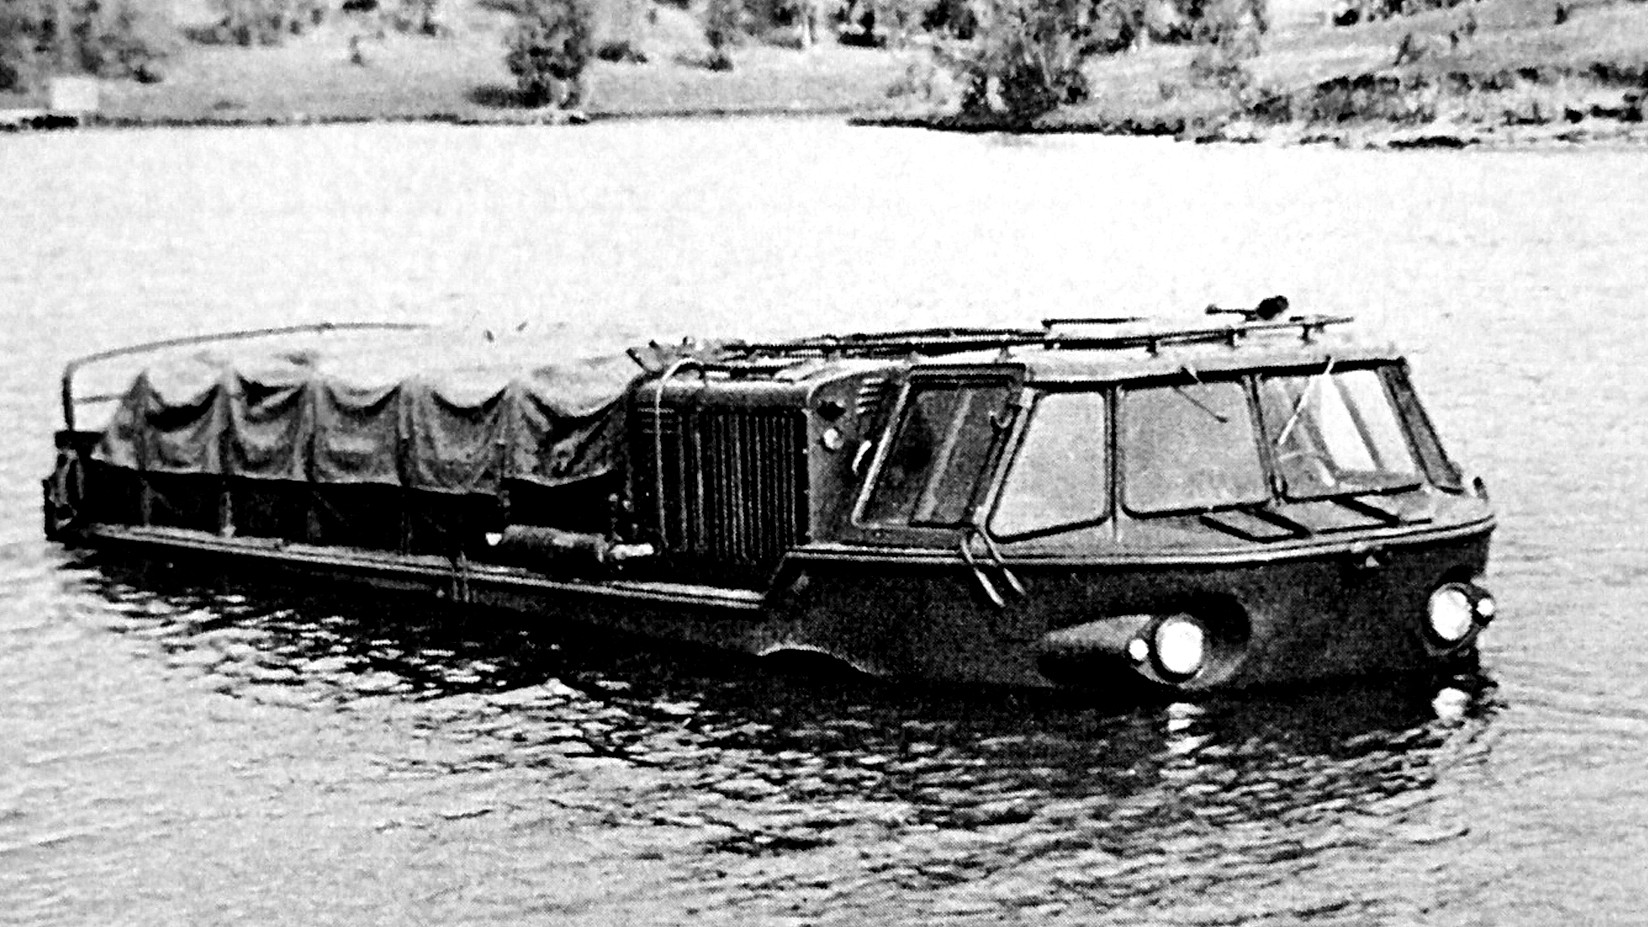 Автомобиль ЗИЛ-135 на испытаниях в водоеме полигона НИИАП